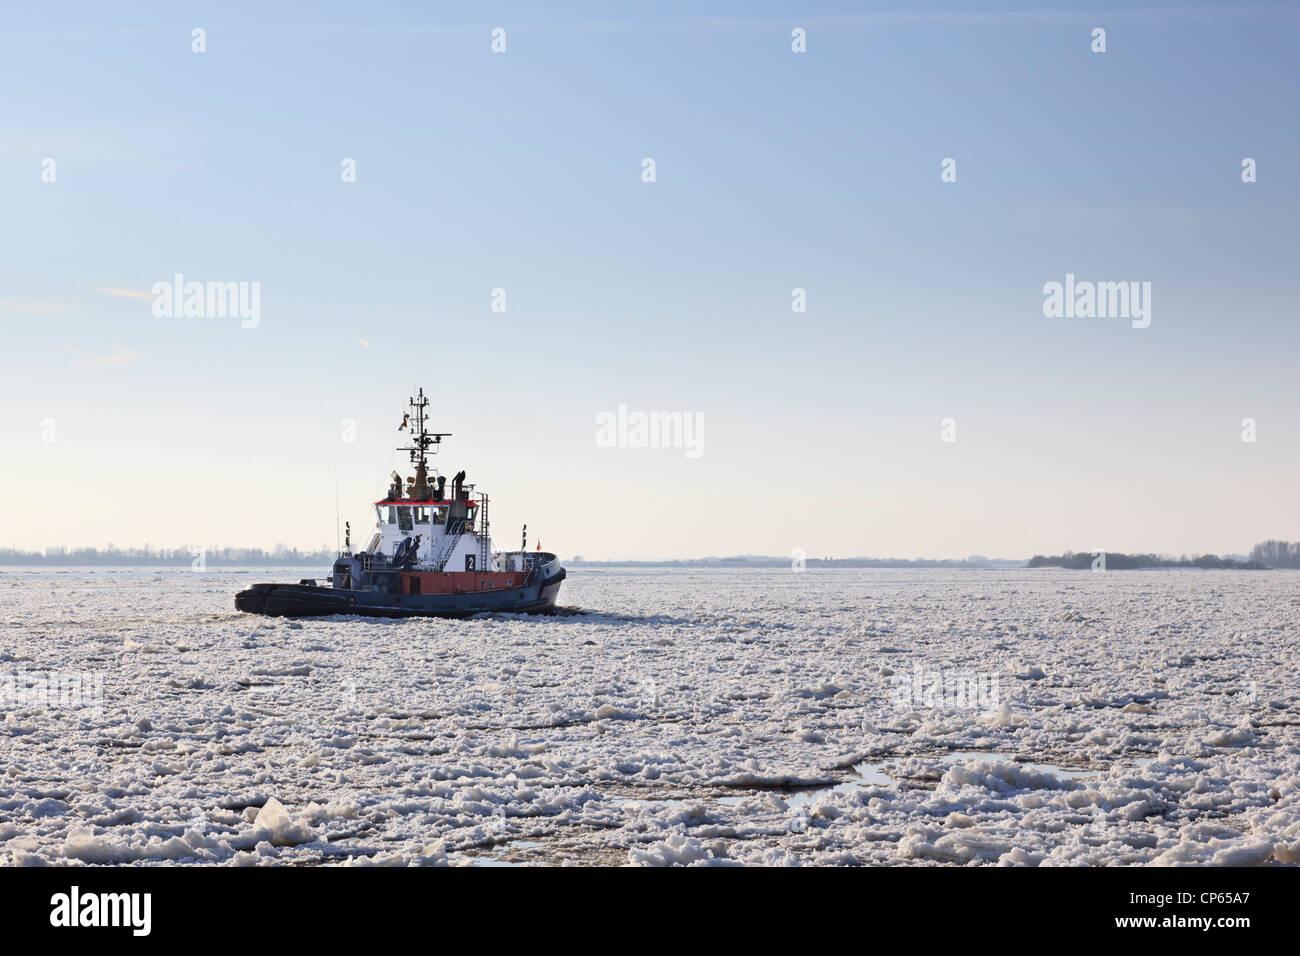 Alemania, Hamburgo, arrastrero cubiertas de hielo sobre el río Elba Foto de stock